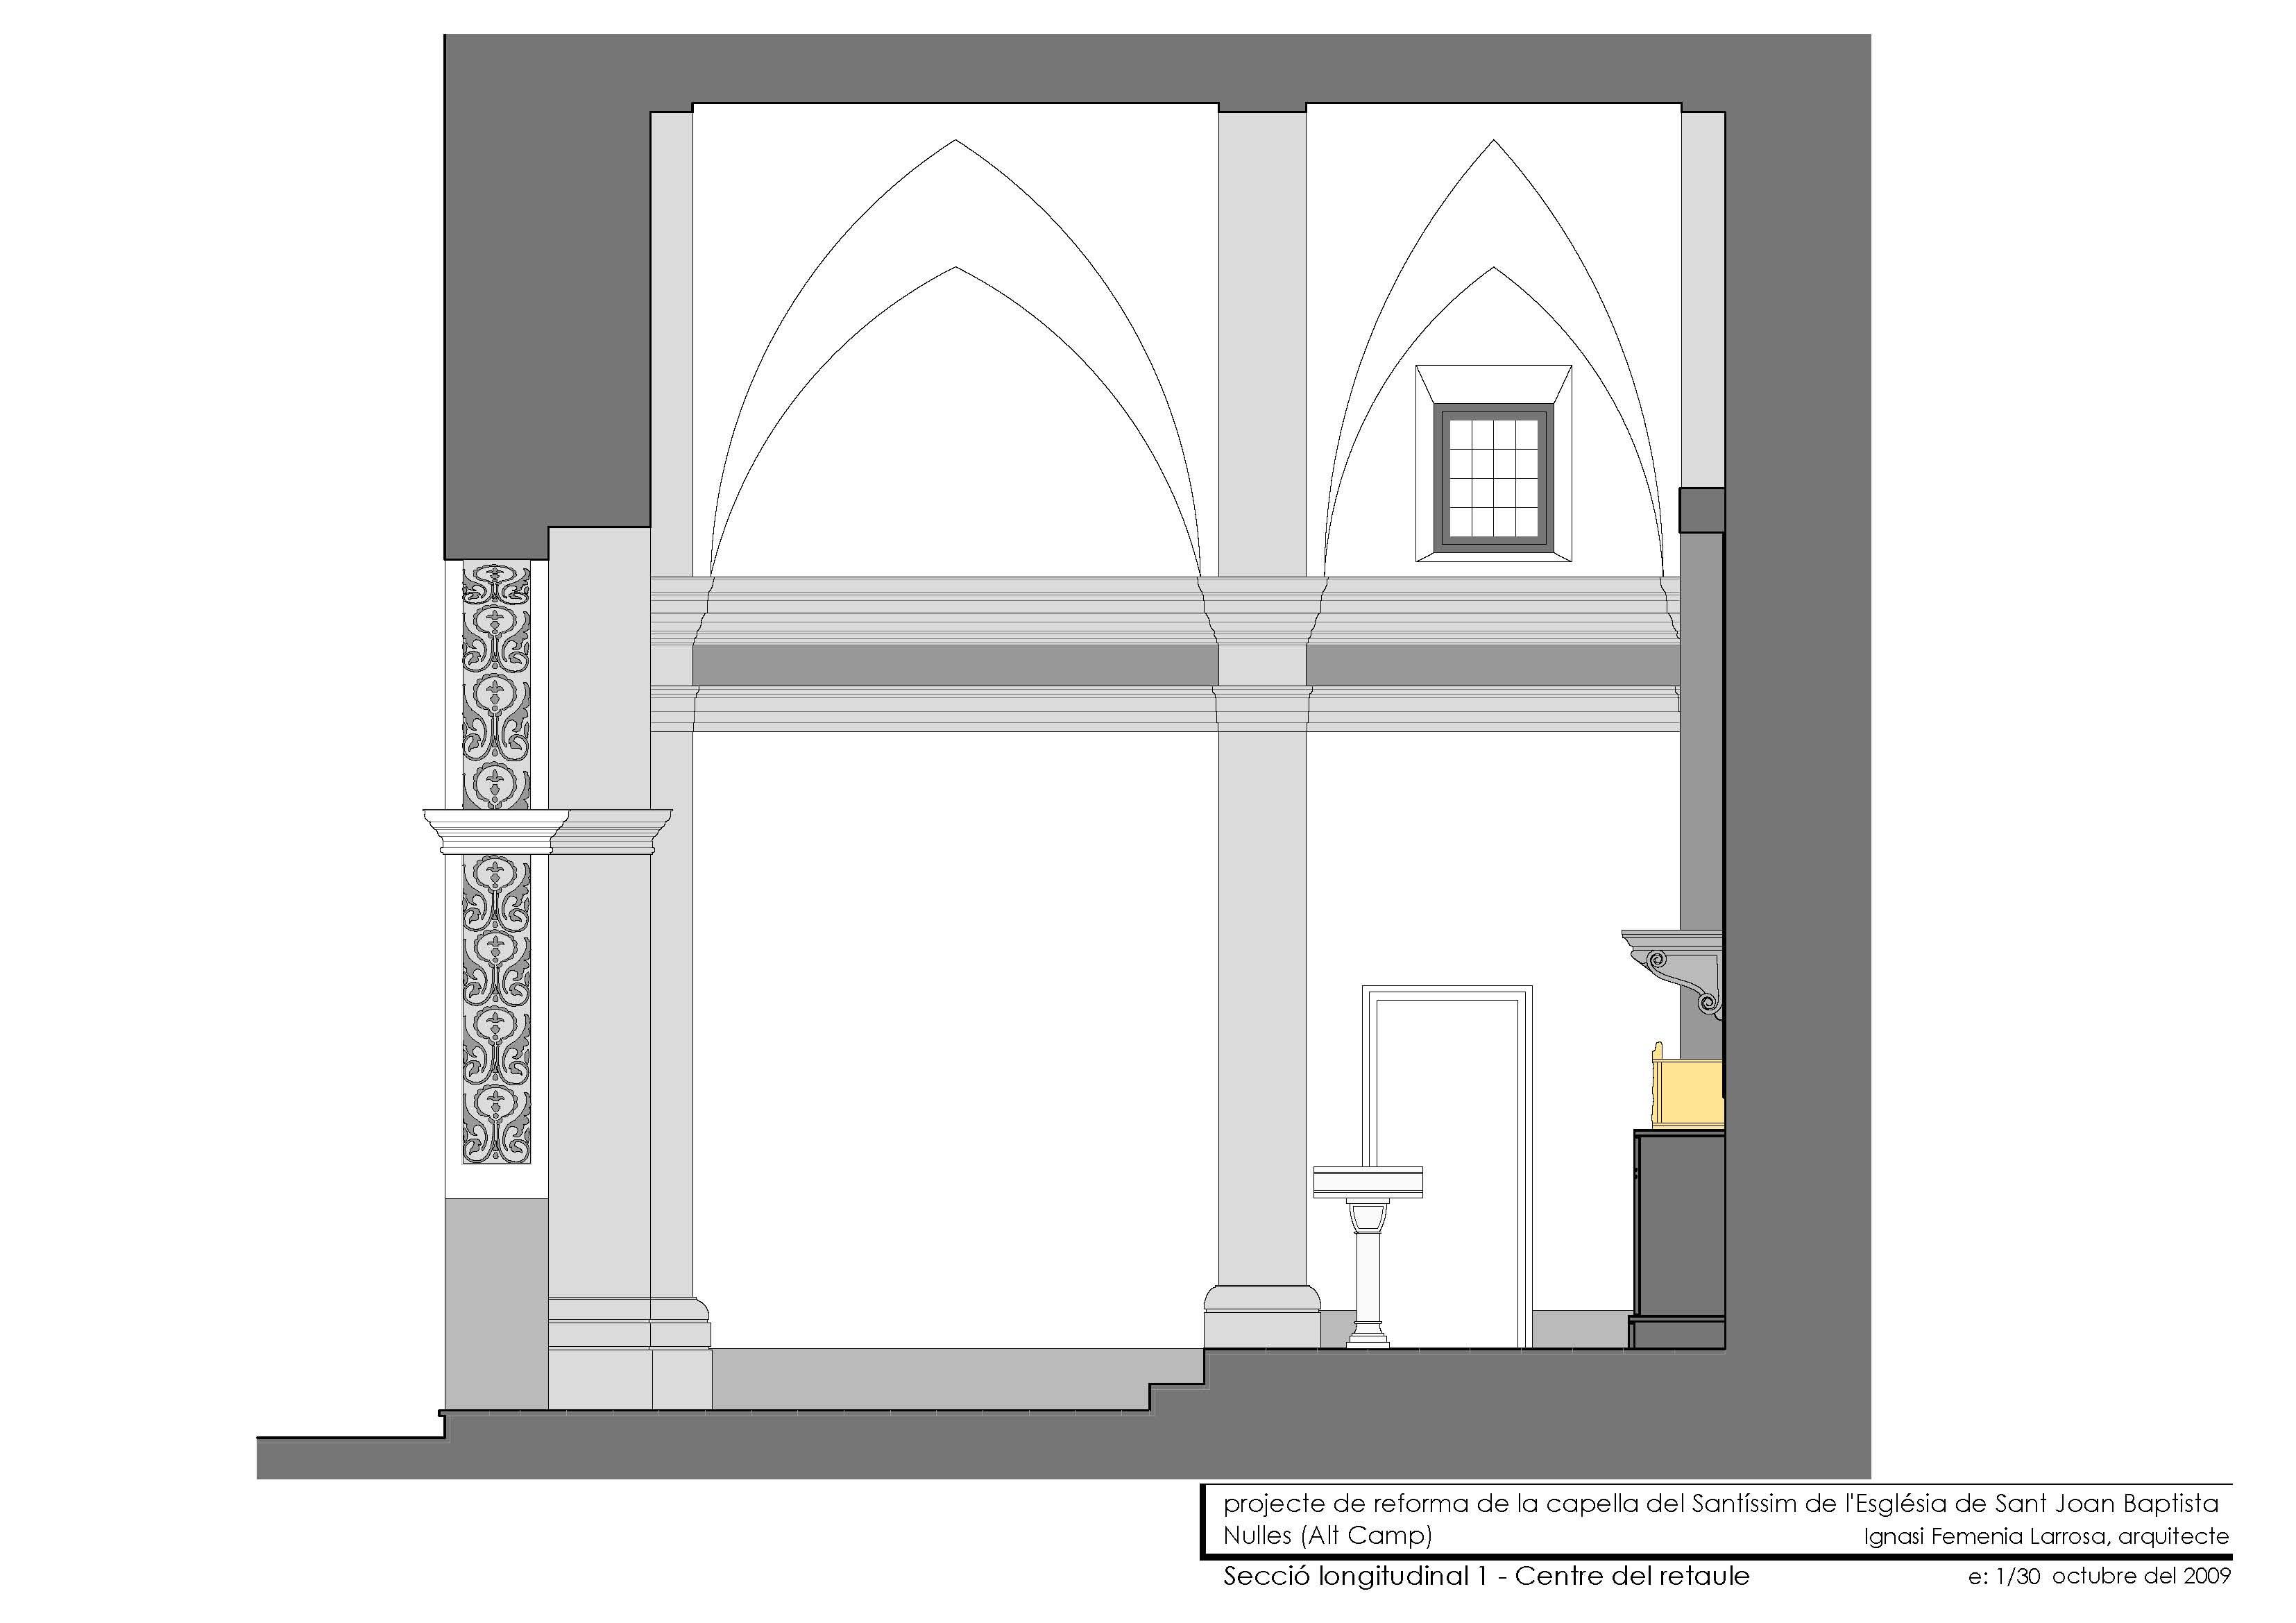 Secció longitudinal (centre retaule)